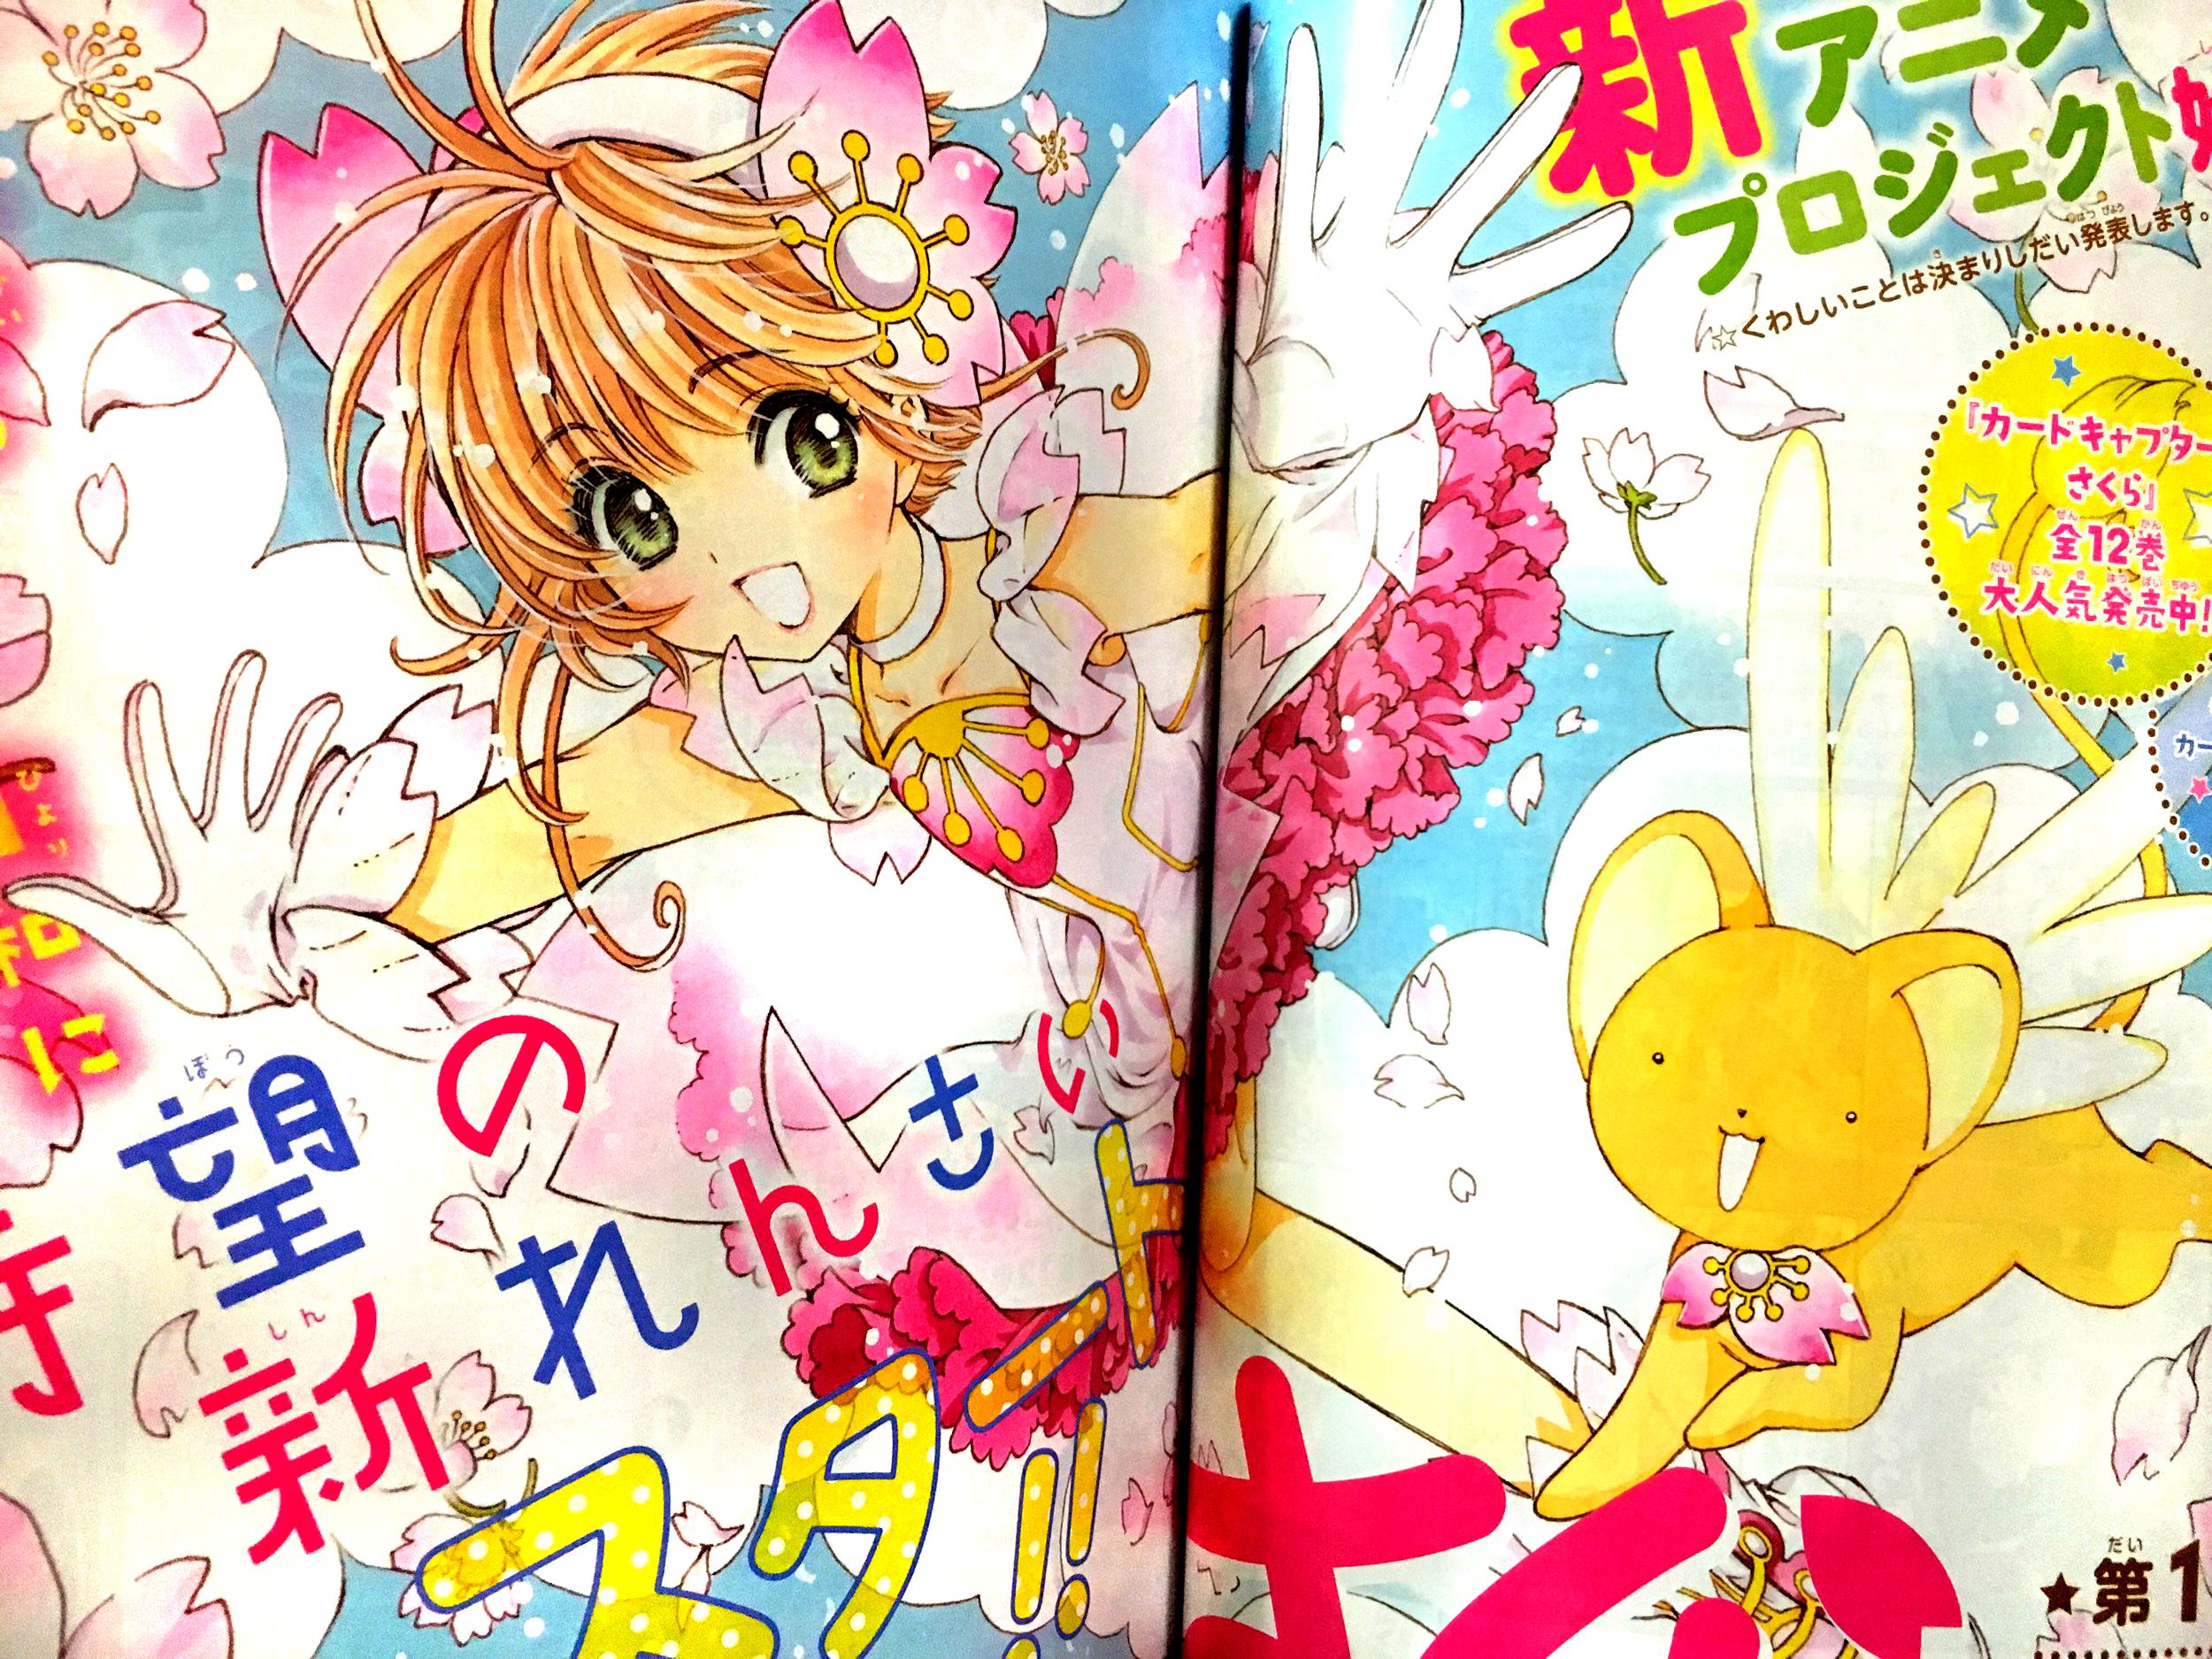 EXCLUSIVO: Anuncian nuevo anime para Card Captor Sakura ¡y te traemos imágenes del nuevo manga en español!